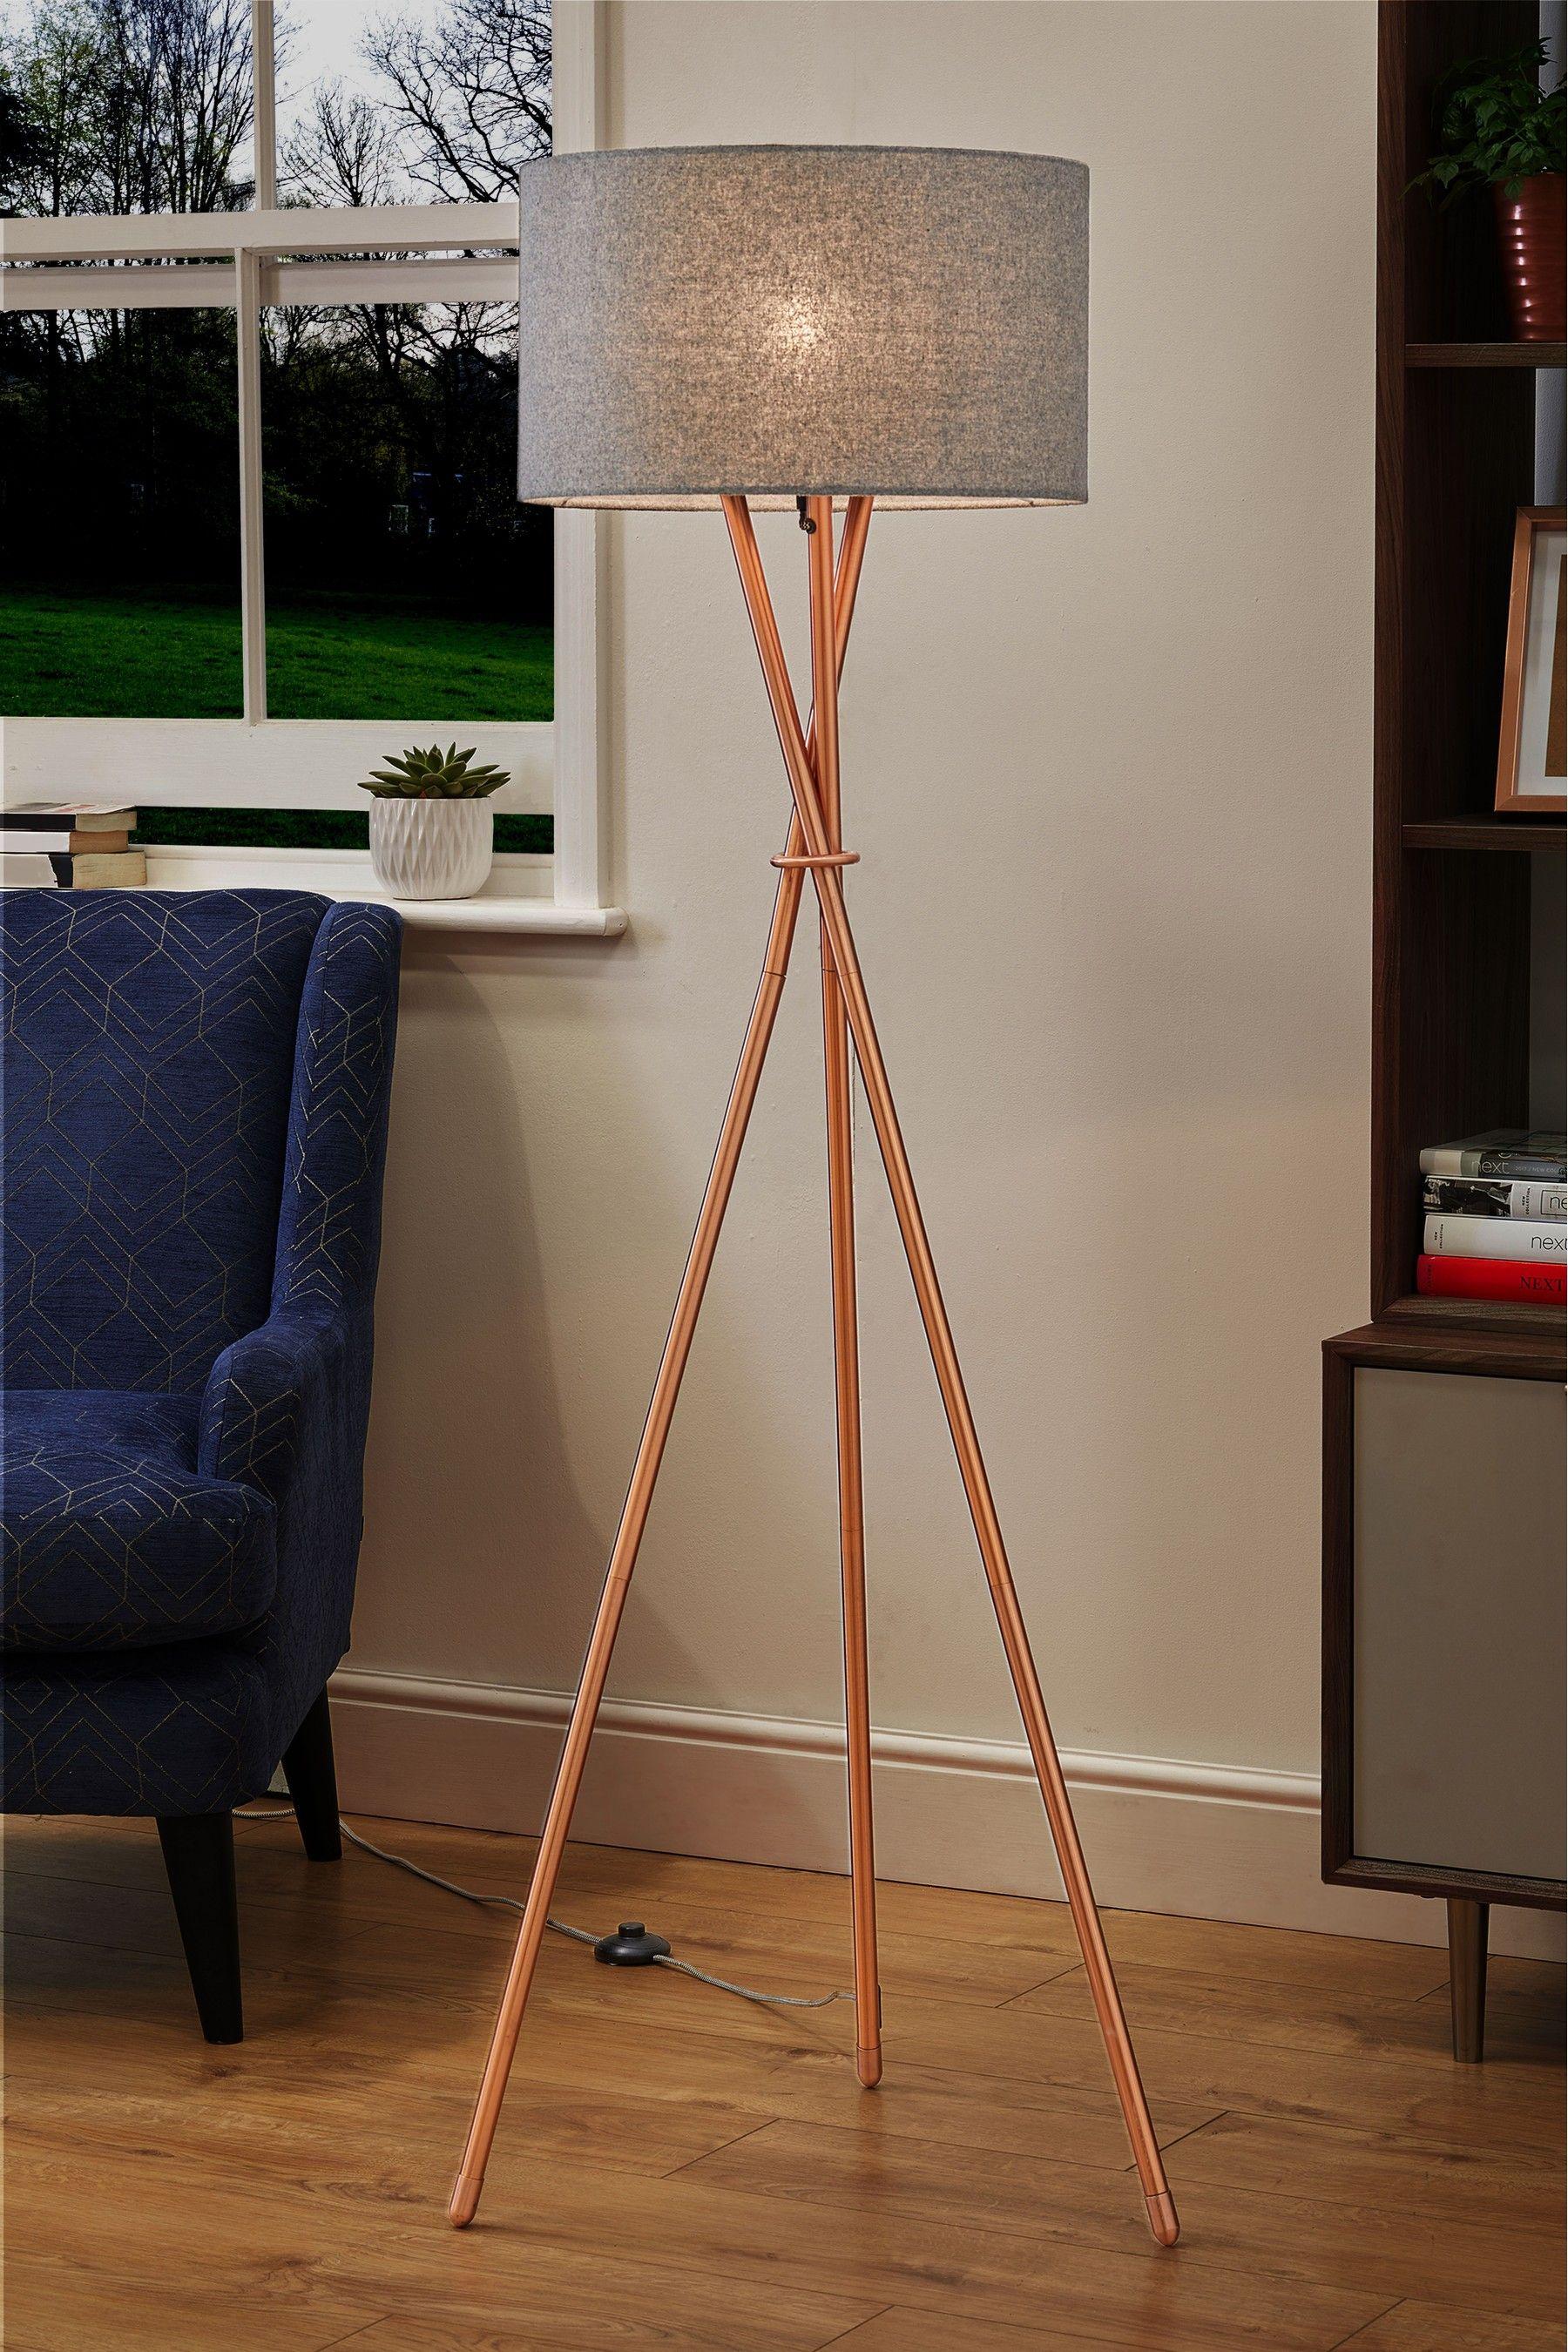 Next Tripod Floor Lamp Copper Copper Floor Lamp Stylish Floor Lamp Tripod Floor Lamps